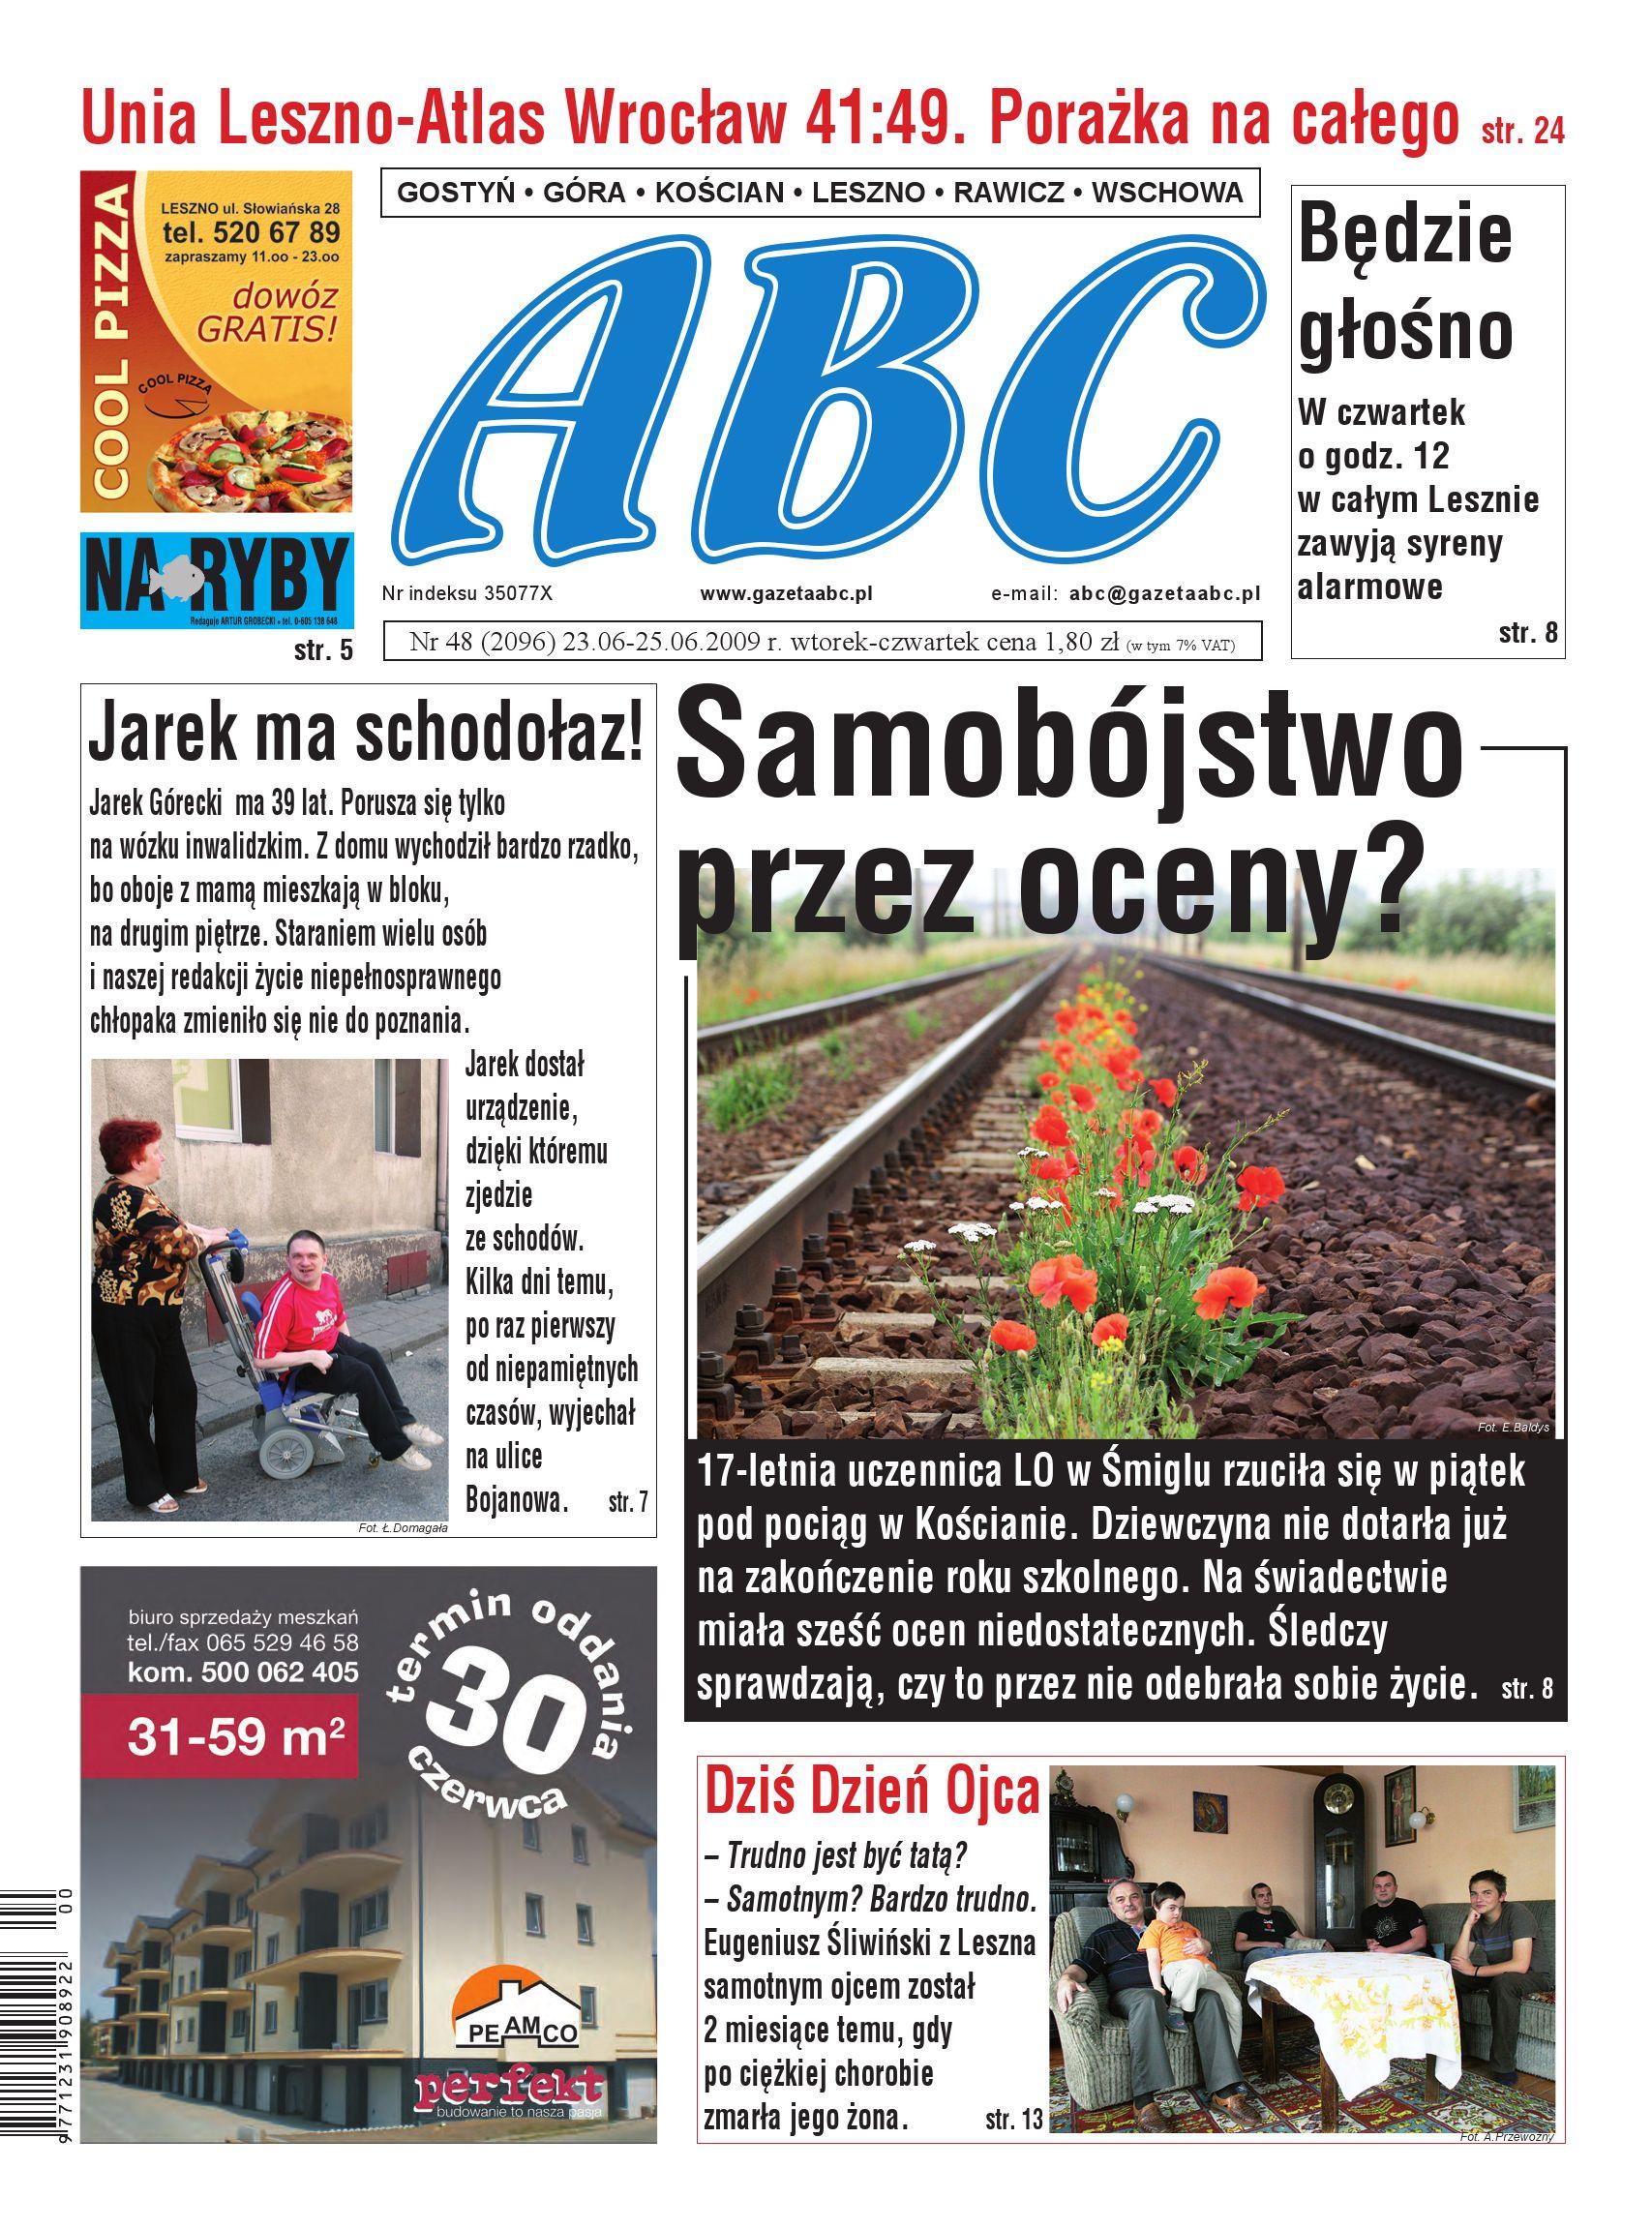 Gazeta Abc 23 Czerwca 2009 By Sekretarz Redakcji Issuu